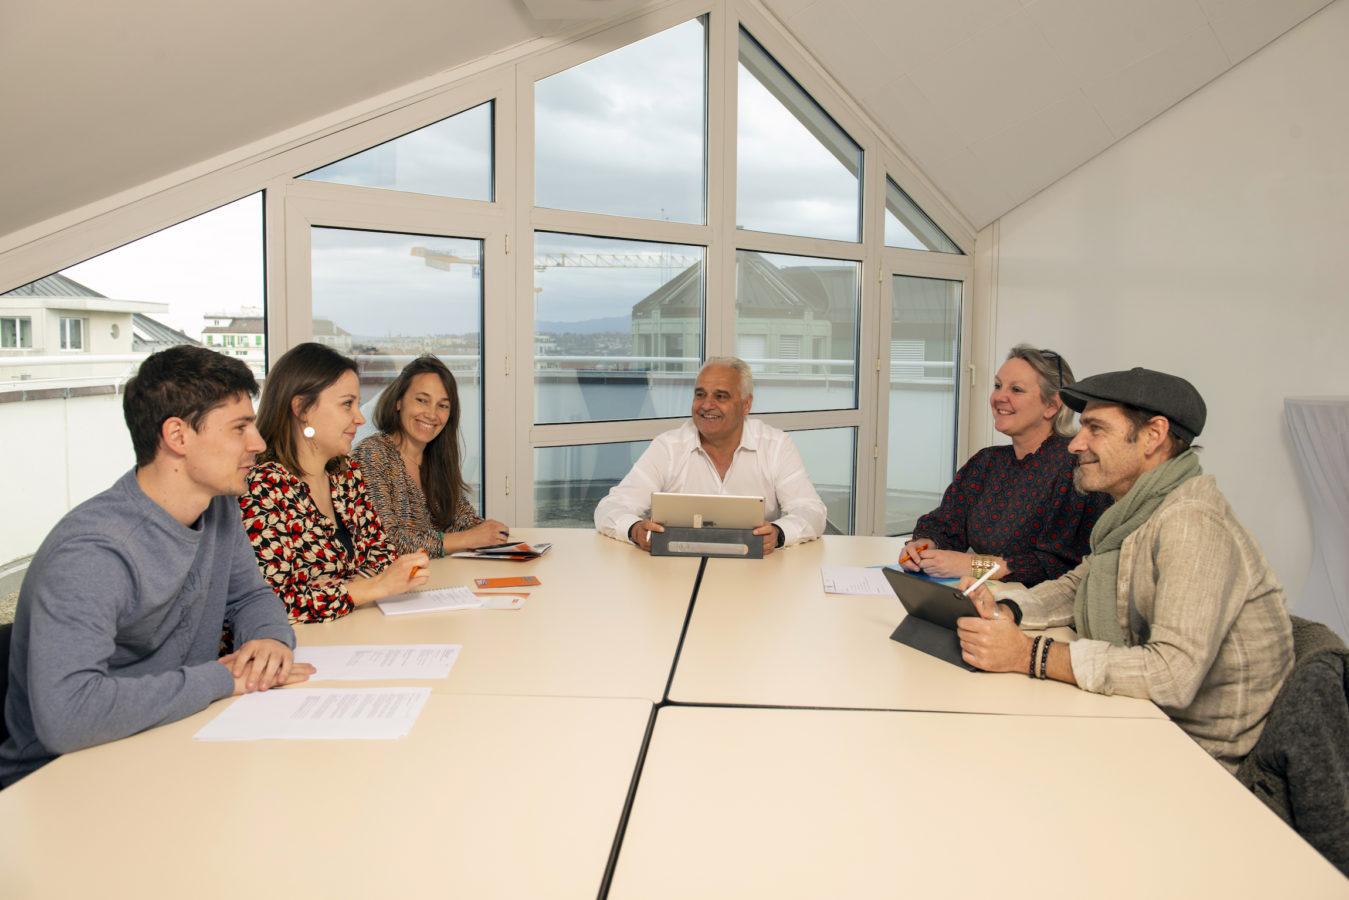 Santé et sécurité au travail : F4S s'engage plus que jamais aux côtés des entreprises